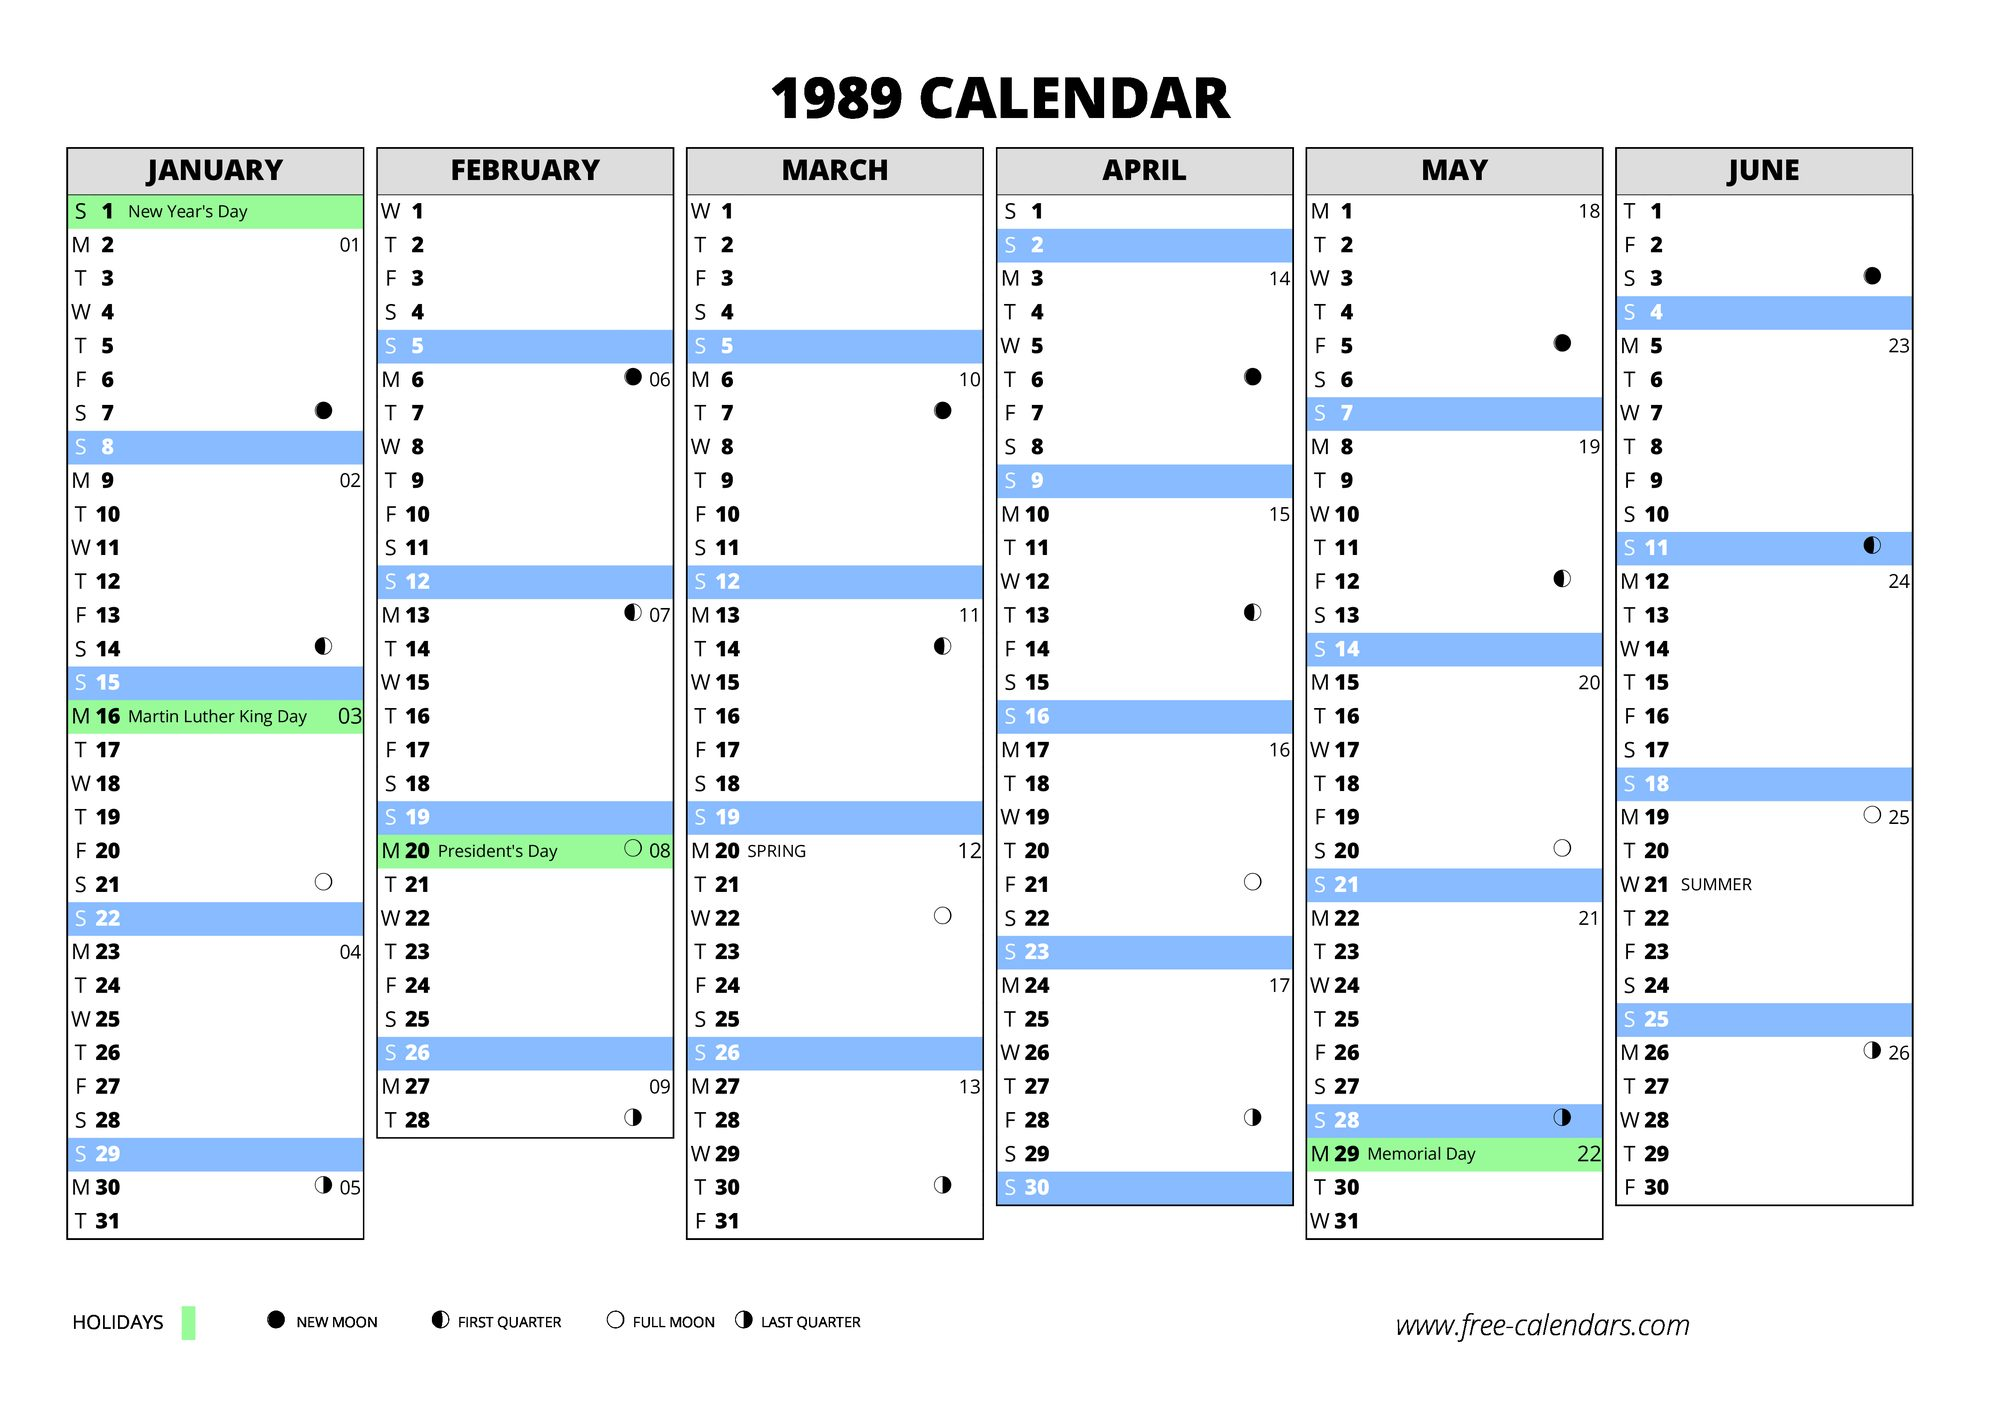 Blank Calendar Pdf : Calendar ≡ free calendars